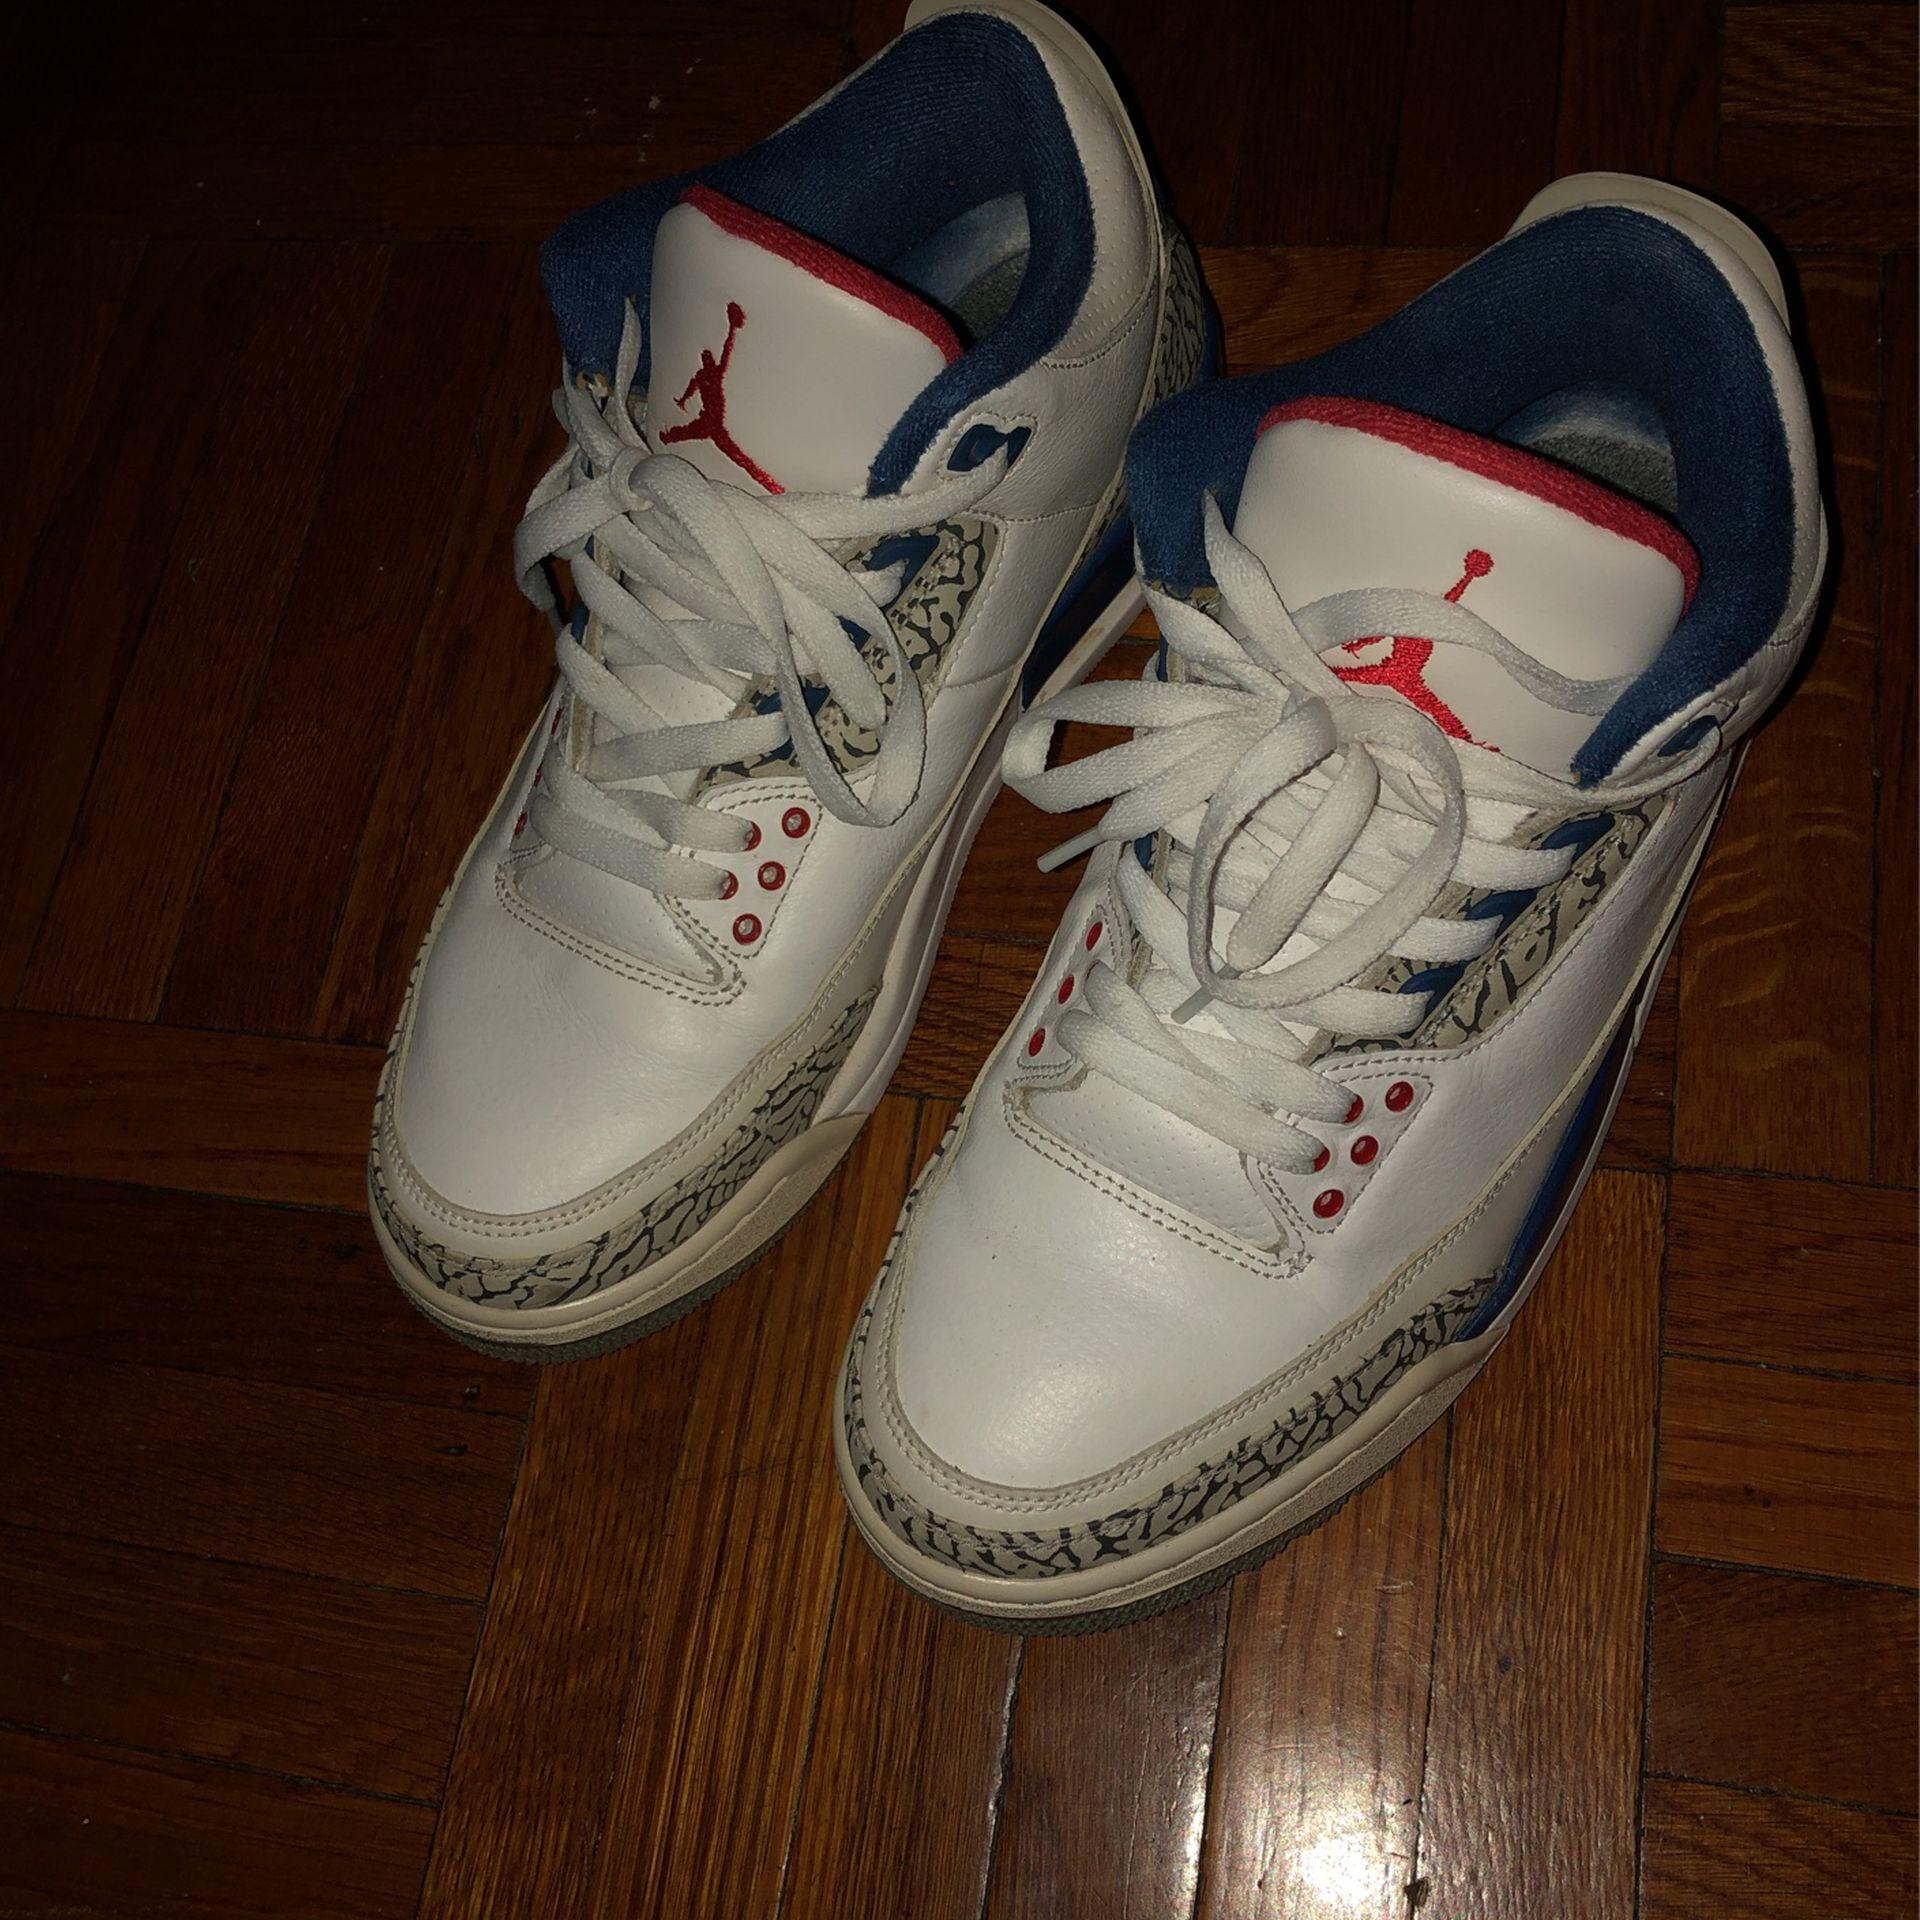 True Blue 3s Size 9 $120